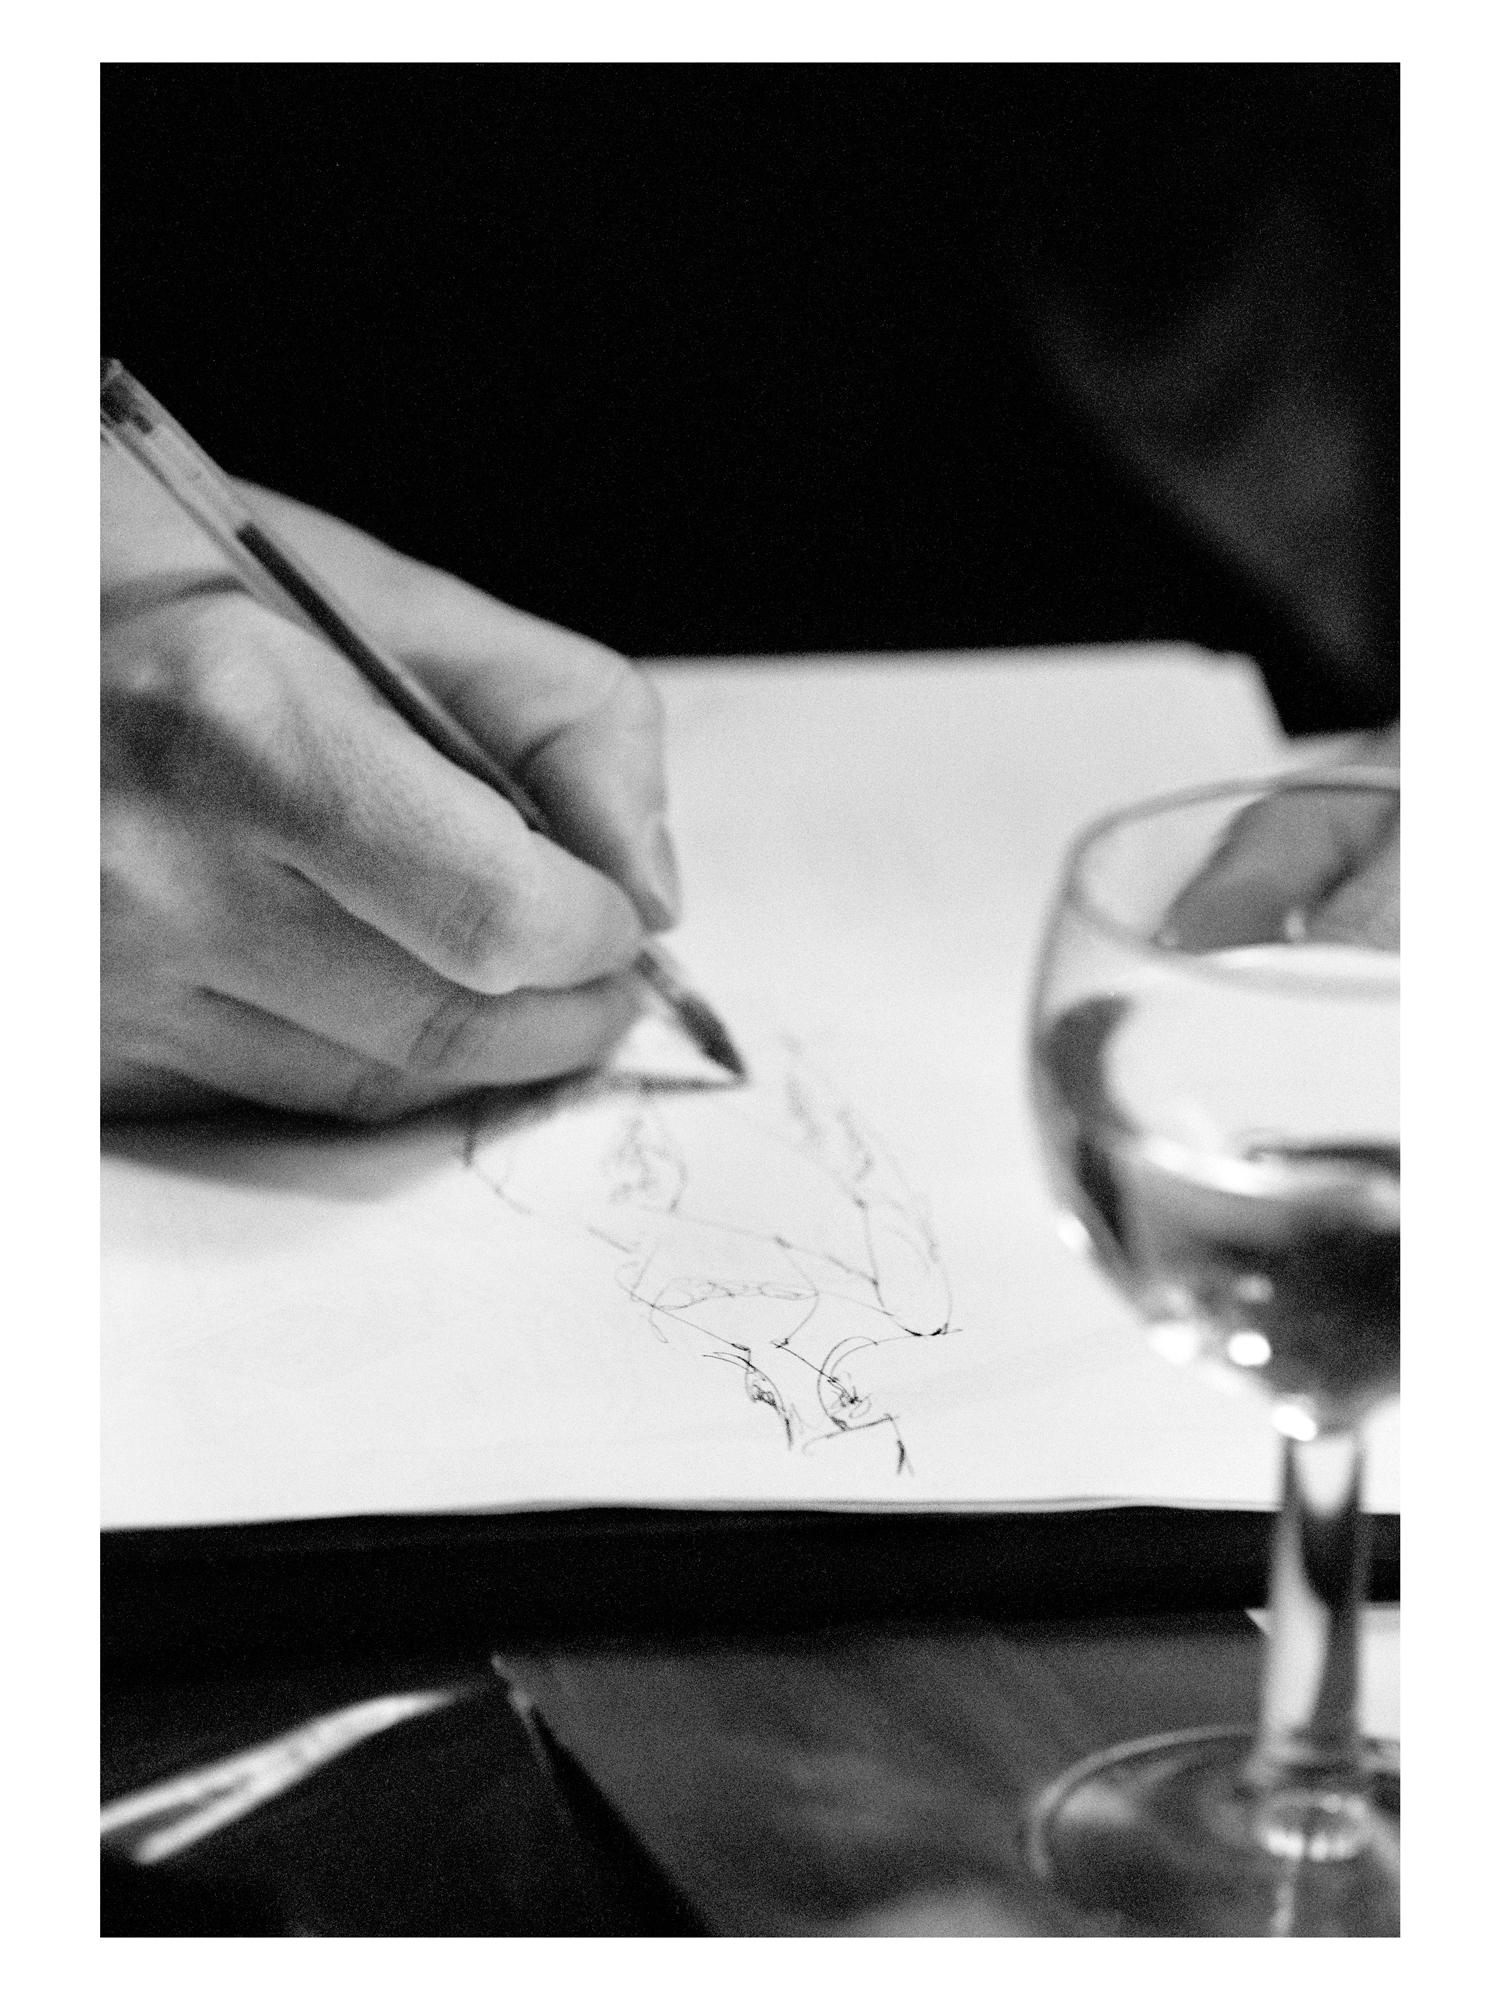 Alexander McQueen sketching